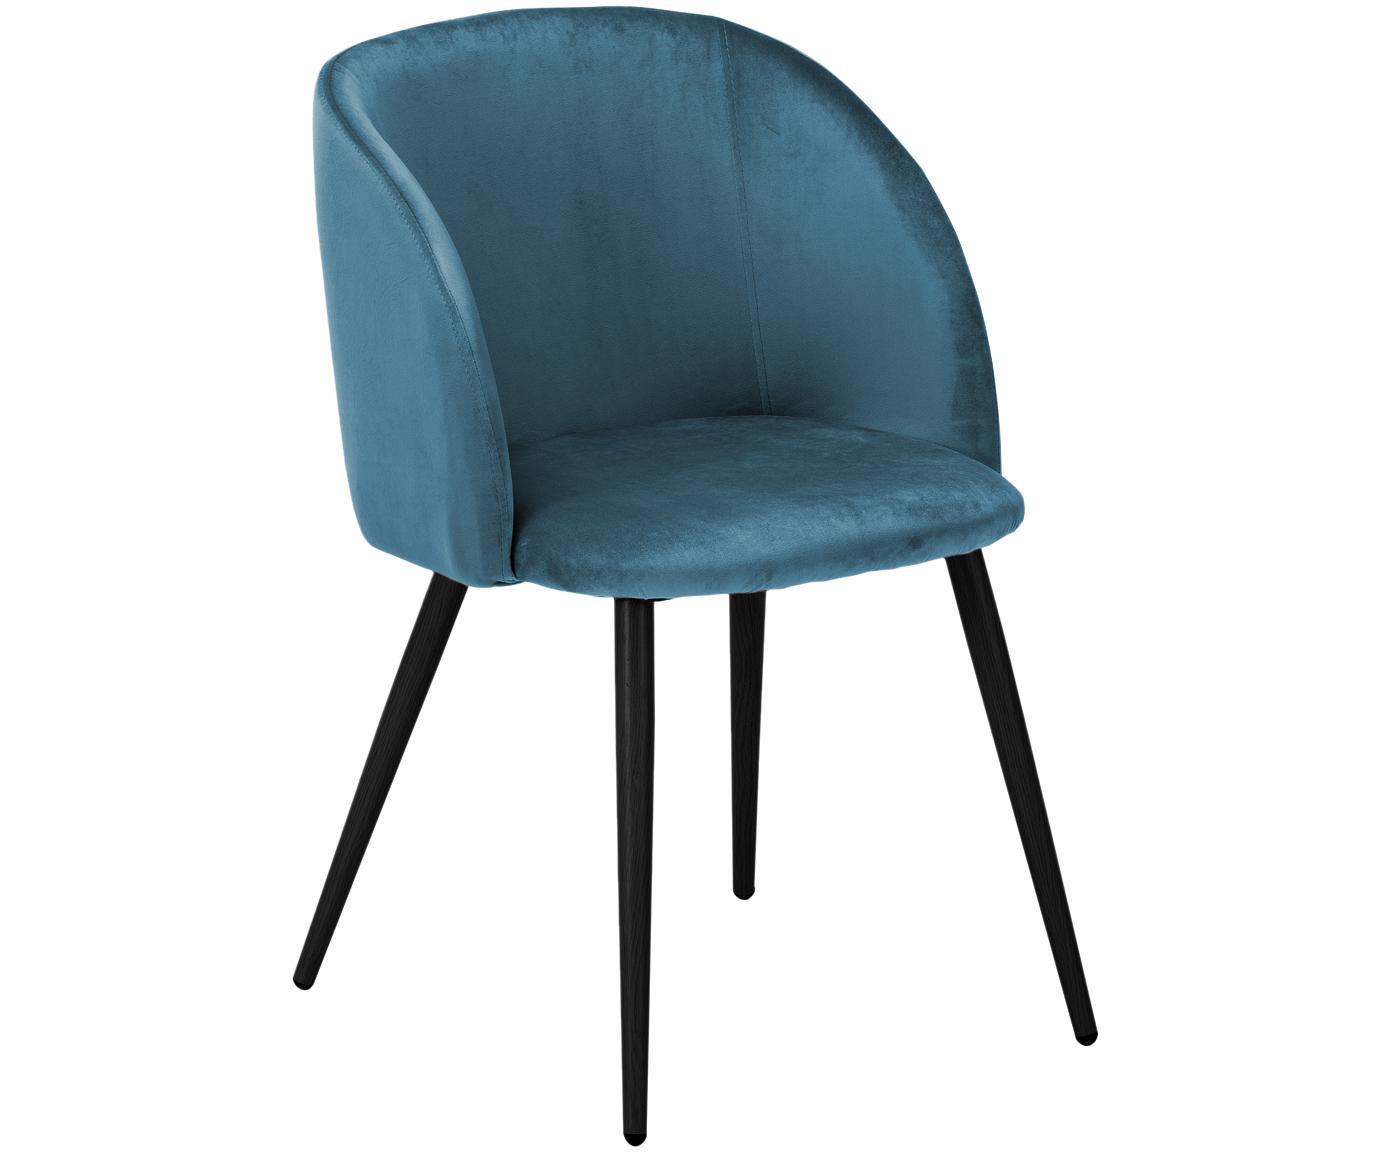 Krzesło tapicerowane z aksamitu Yoki, 2 szt., Tapicerka: aksamit (poliester) 2000, Nogi: metal malowany proszkowo, Tapicerka: niebieski Nogi: czarny, matowy, S 53 x G 57 cm